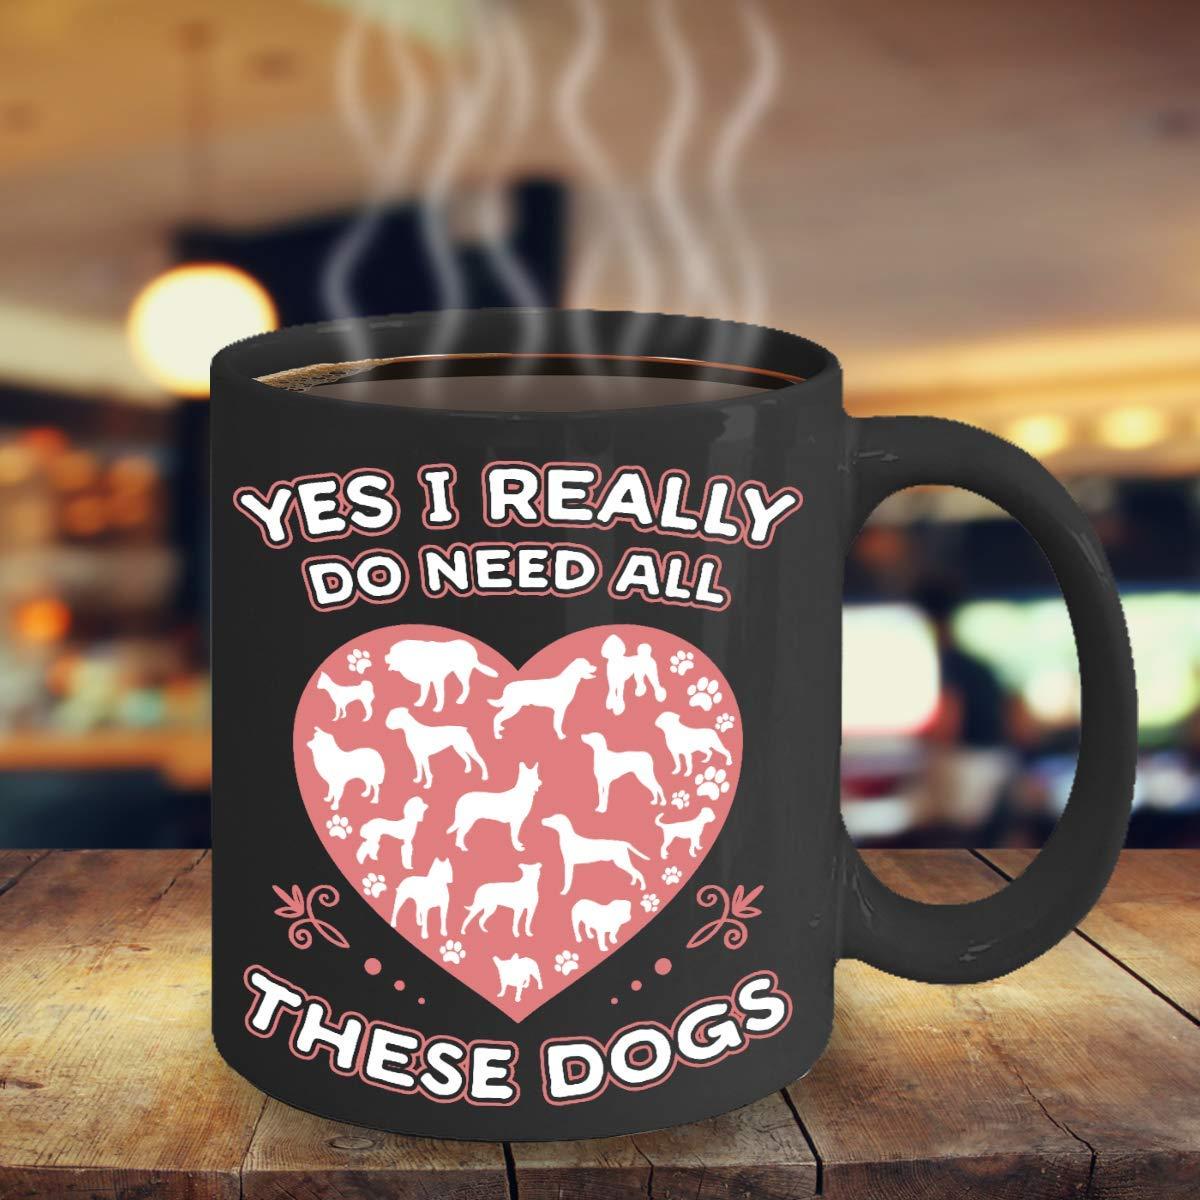 はい、I Really Do必要すべてのこれらの犬~クリスマスギフトfor Dad /ボーイフレンド/メンズ/レディース/娘/息子ブラックティーカップ 15 Oz ブラック 15 Oz  B077SJJ5QL